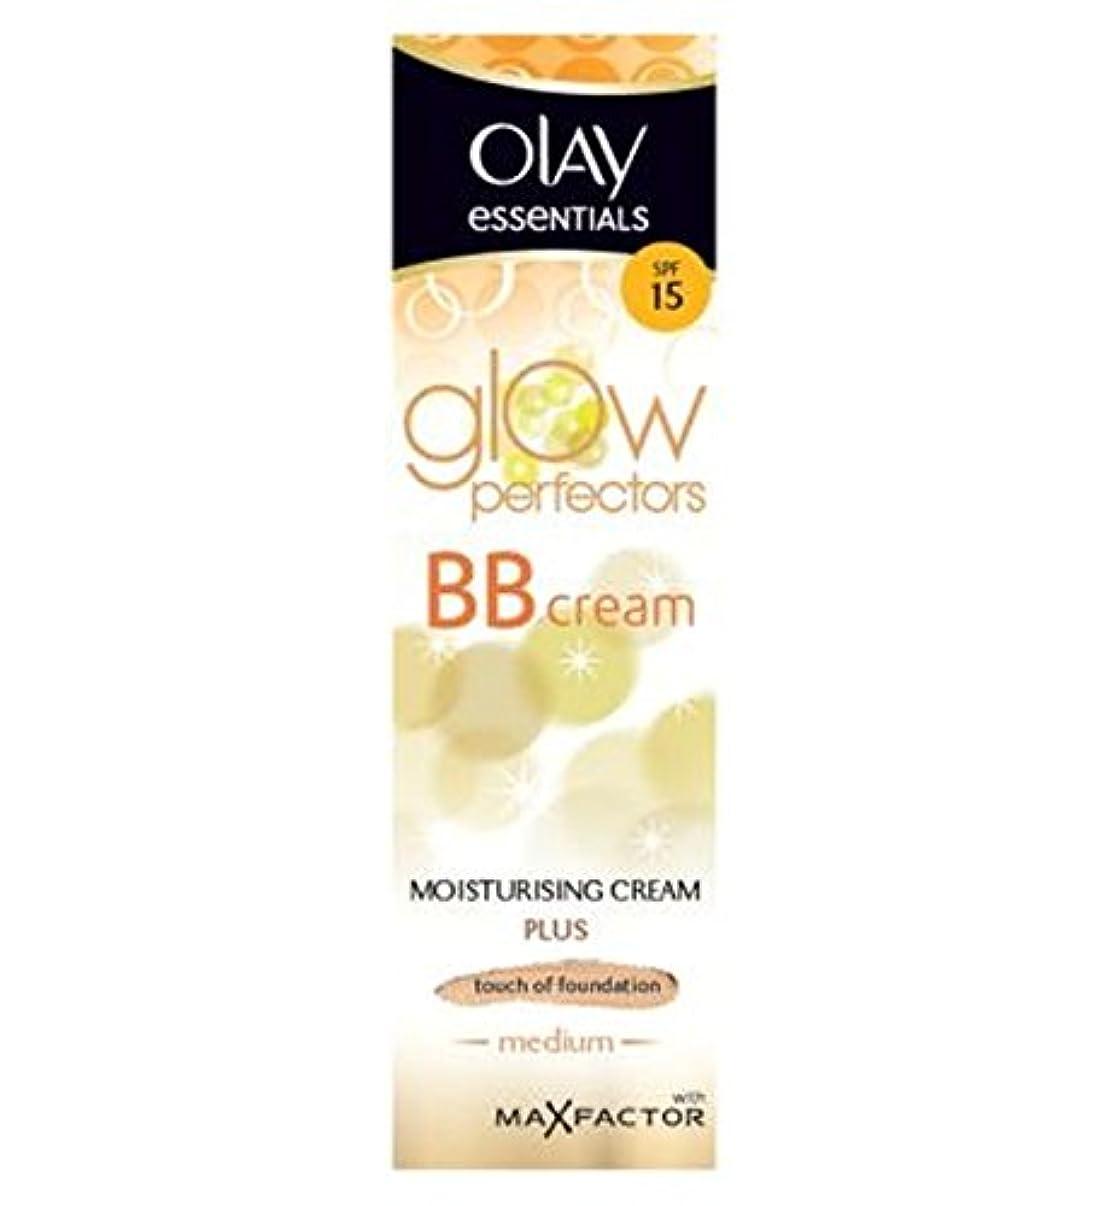 仮装リース感染する着色保湿50ミリリットルを完成オーレイ完全なBbクリームSpf15スキン - 中 (Olay) (x2) - Olay Complete BB Cream SPF15 Skin Perfecting Tinted Moisturiser 50ml - Medium (Pack of 2) [並行輸入品]